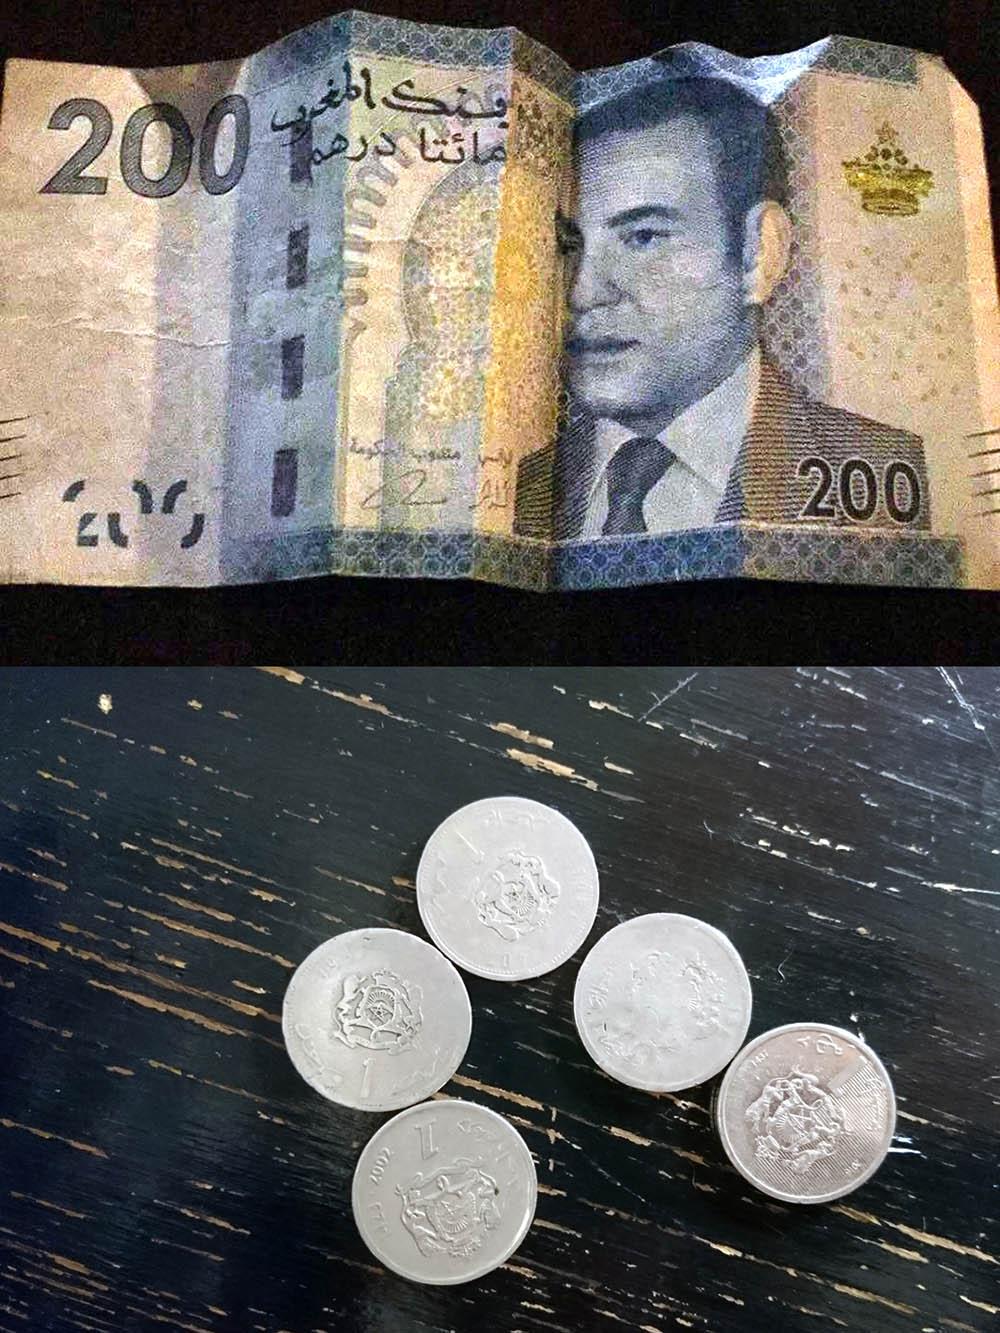 Купюра в 200 дирхамов. Евро проще обменять на местную валюту, чем доллары